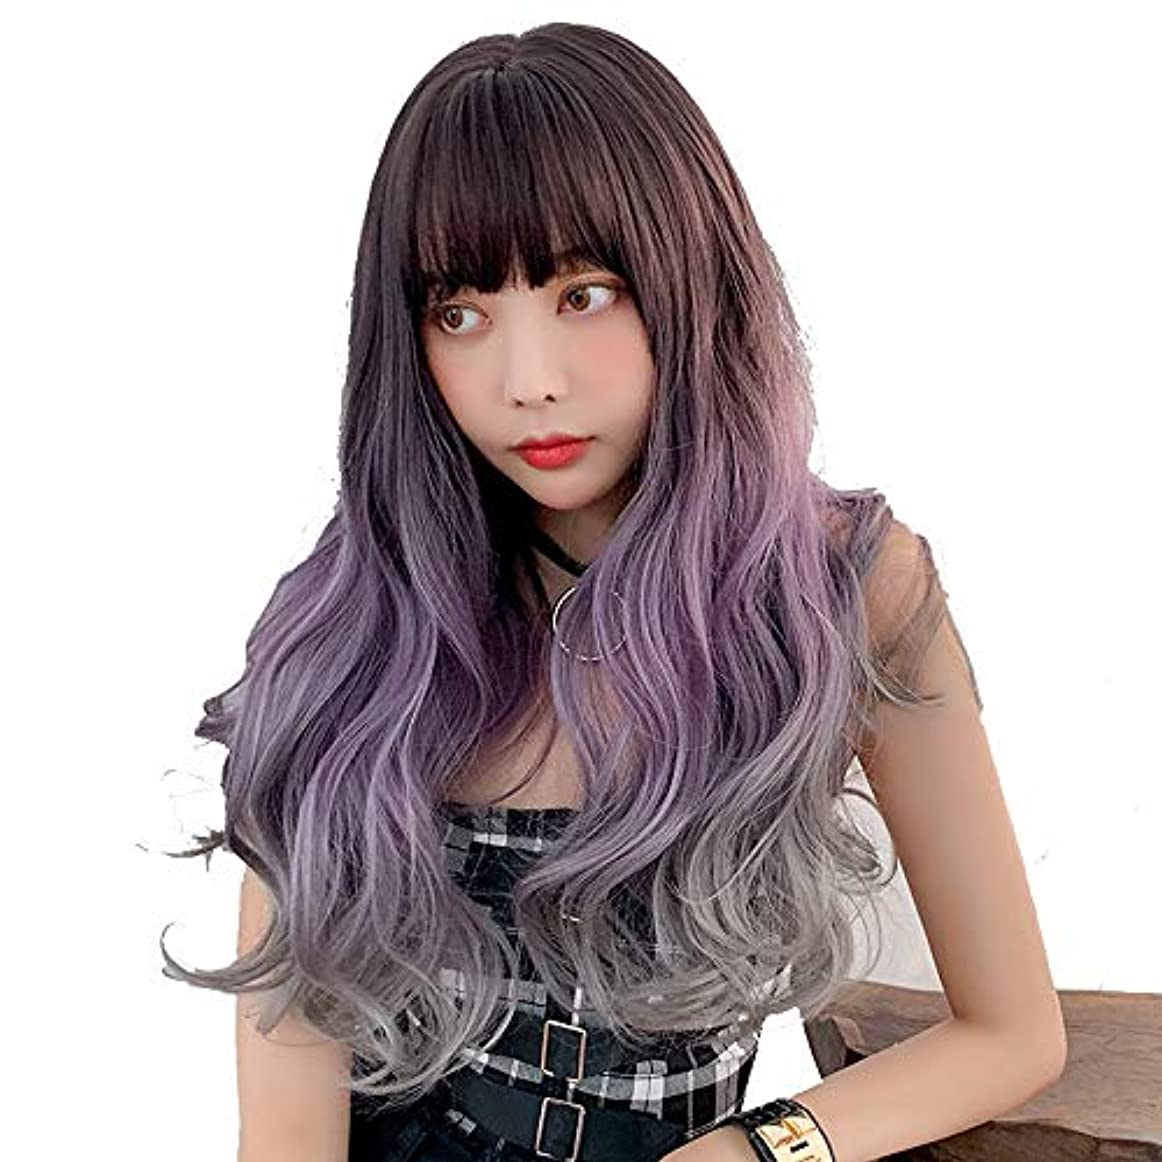 SRY-Wigファッション レディースパープルヘアウィッグ用25インチ合成ショートナチュラルウェーブウィッグ女性用耐熱ファイバー